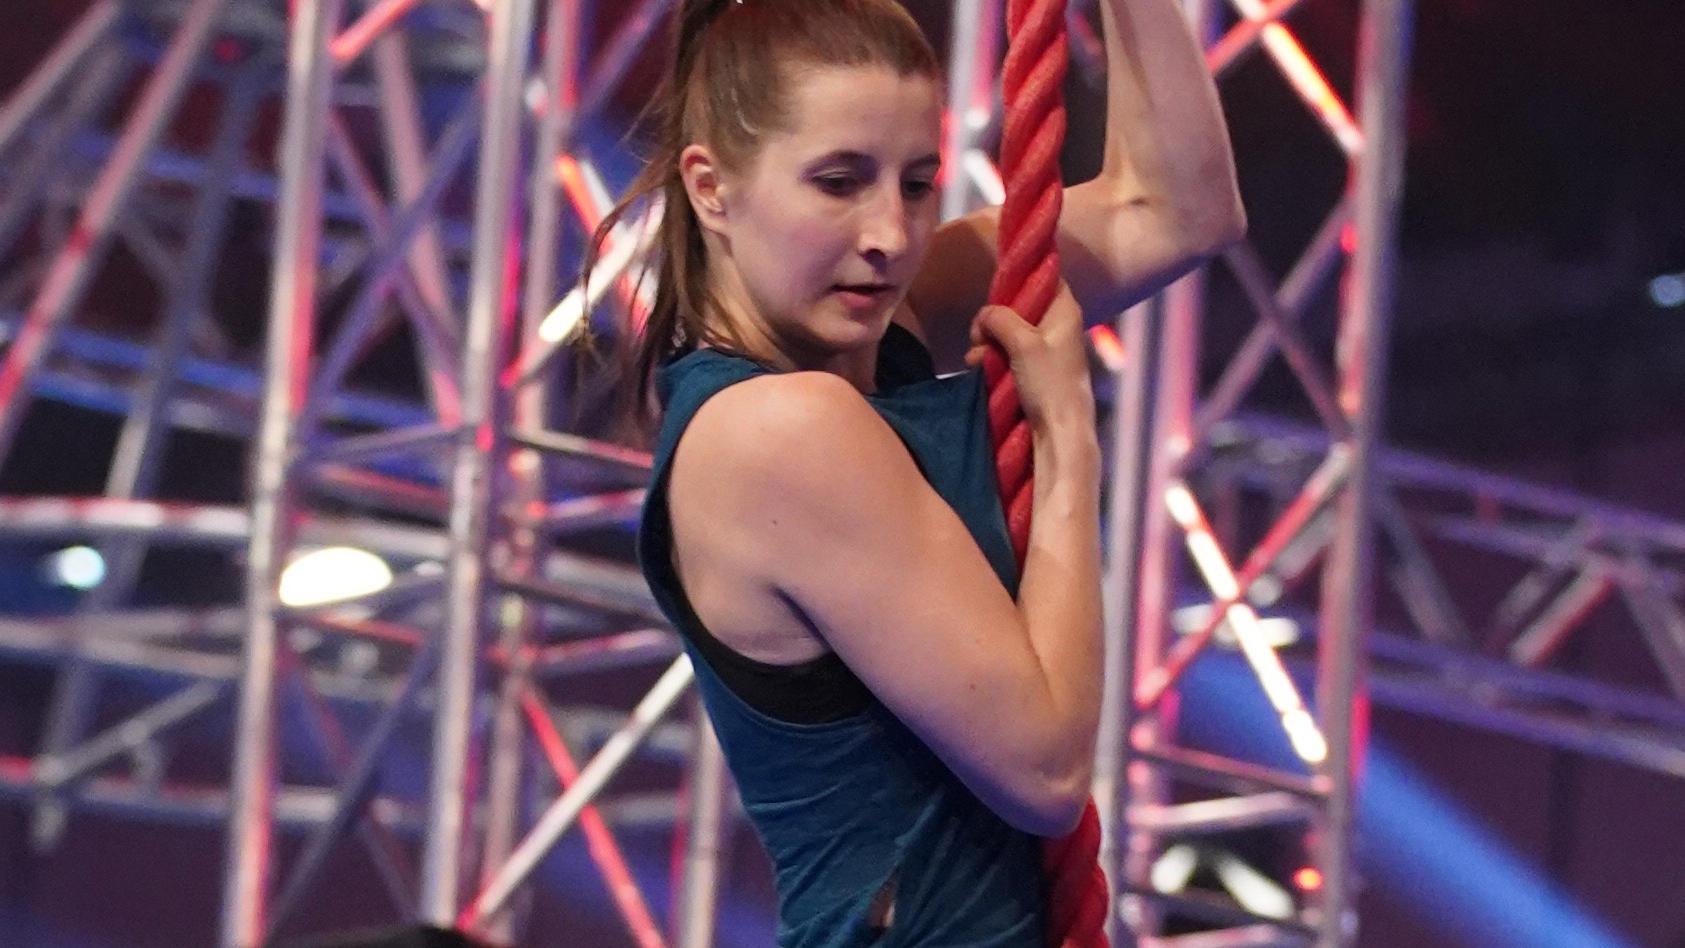 Lilli Kiesgen